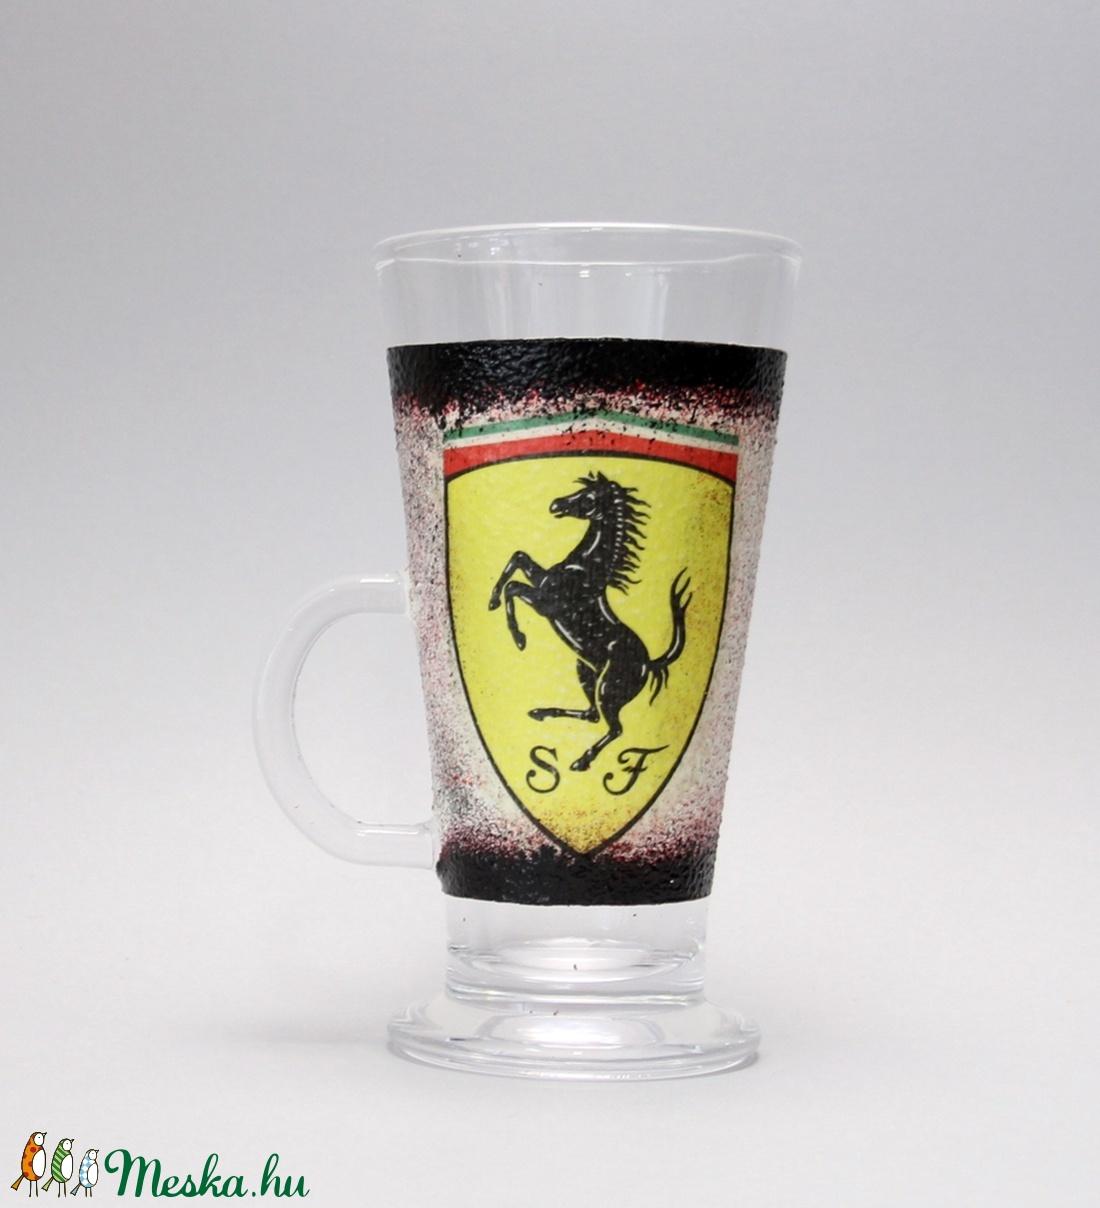 FERRARI  emblémás  lattes pohár ( 0,25 l )ideális ajándék - férjeknek - barátoknak   (decorfantasy) - Meska.hu